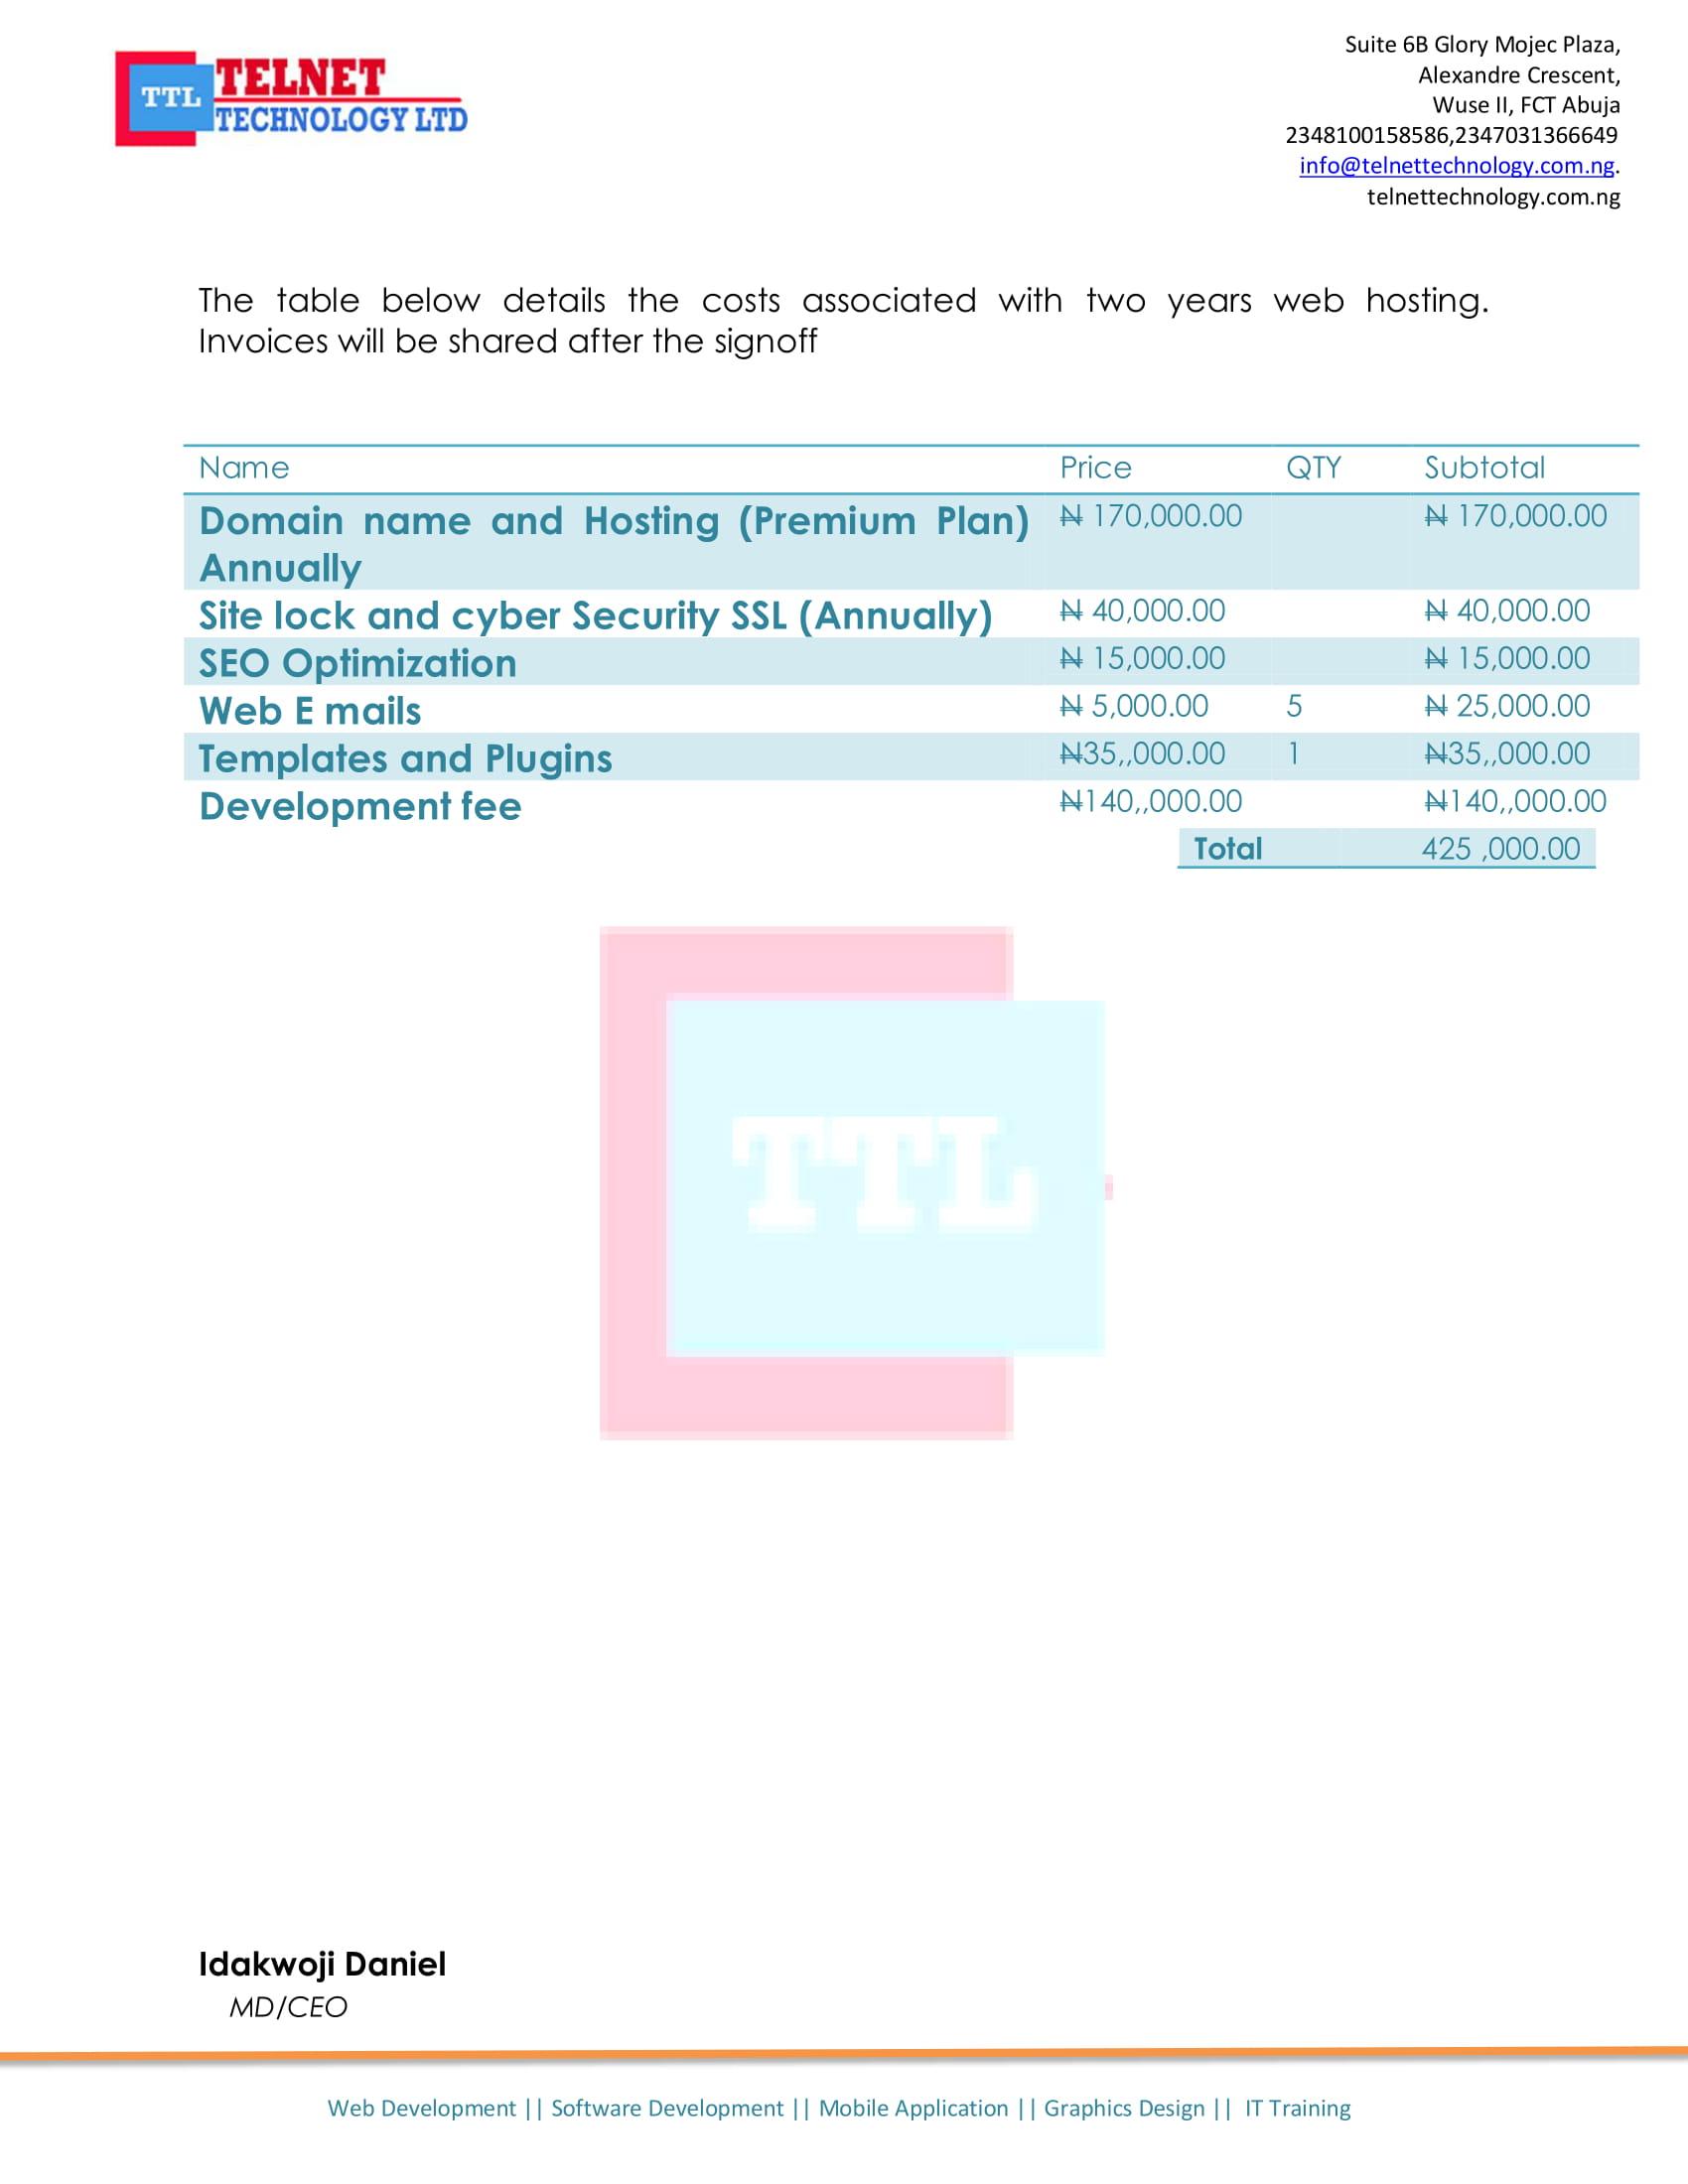 Telnet Web proposal